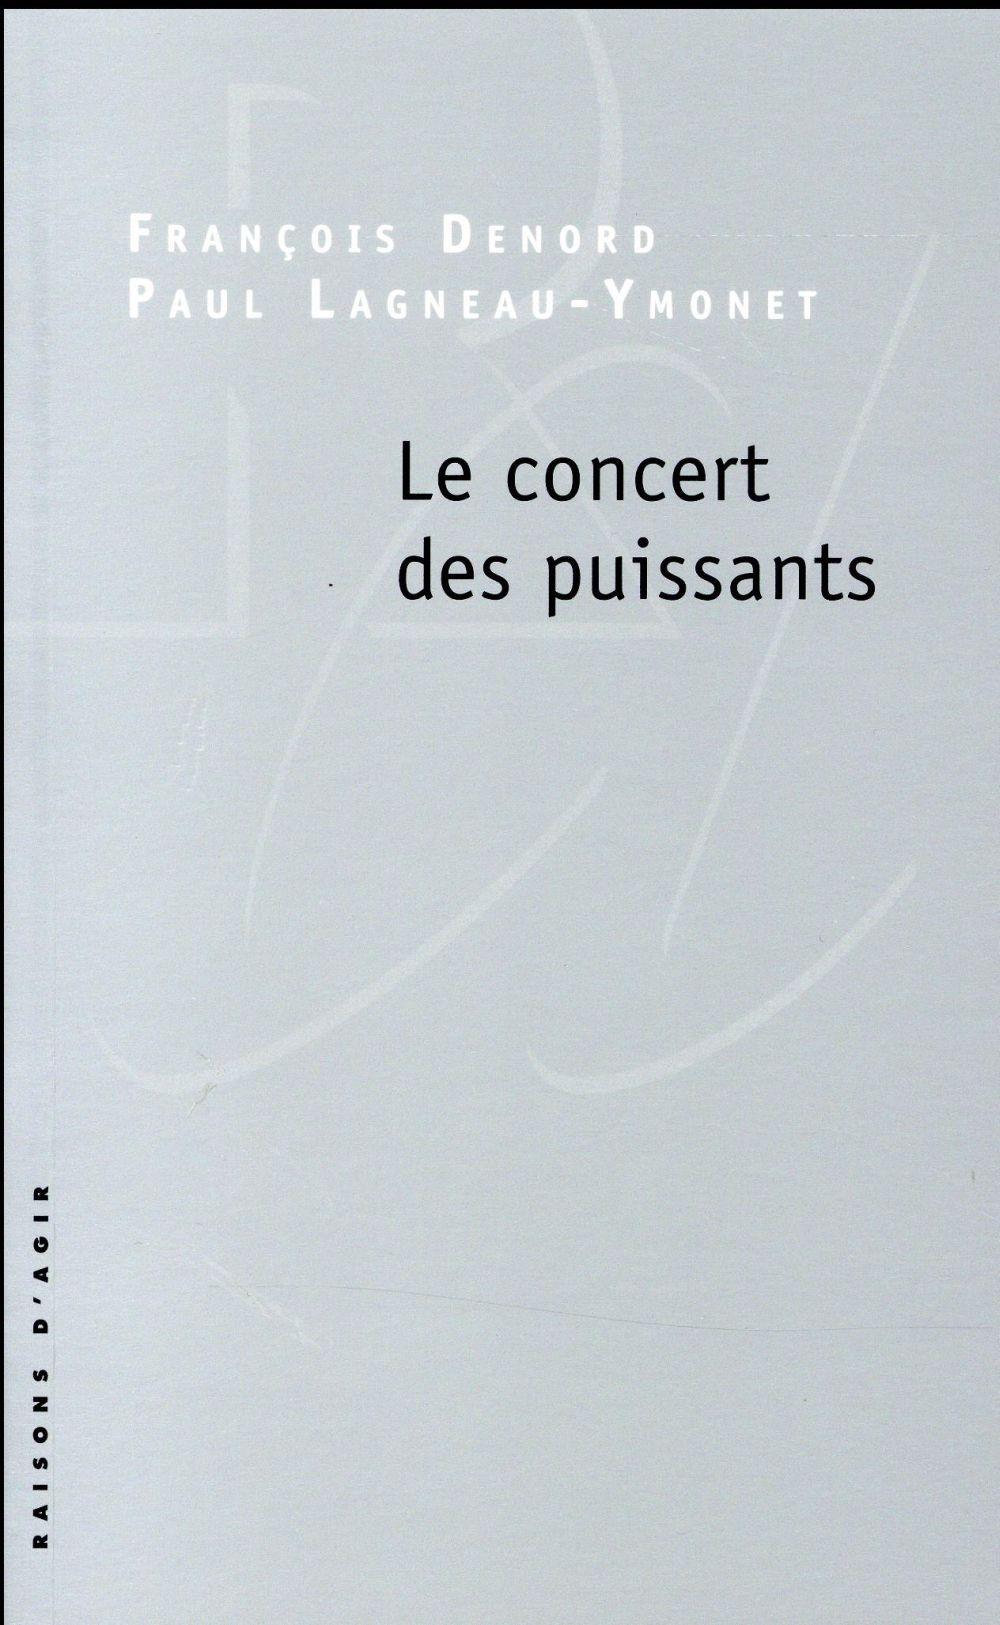 LE CONCERT DES PUISSANTS